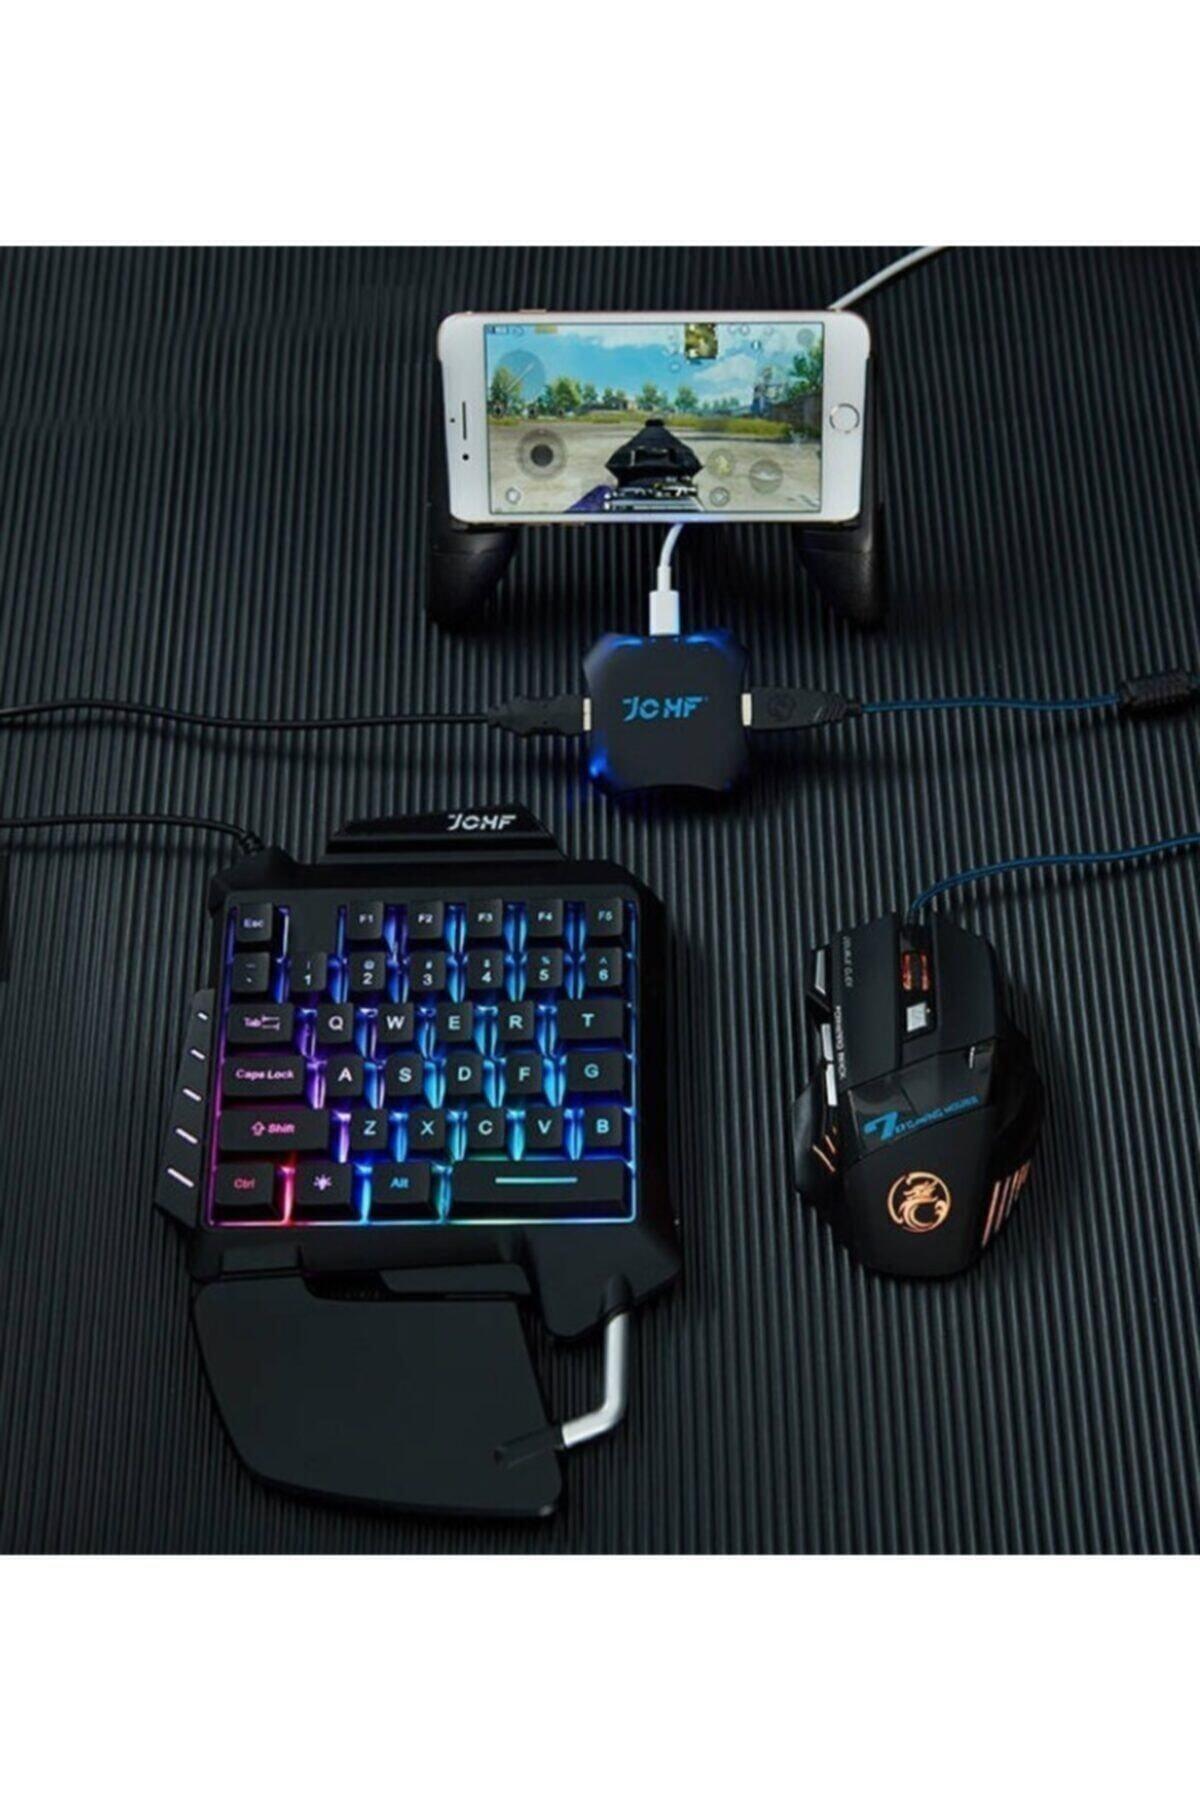 Kılıfsiparis Pubg Klavye Jchf-68 3 In 1 Klavye Mouse Bağlantılı Mobil Oyun Seti 2